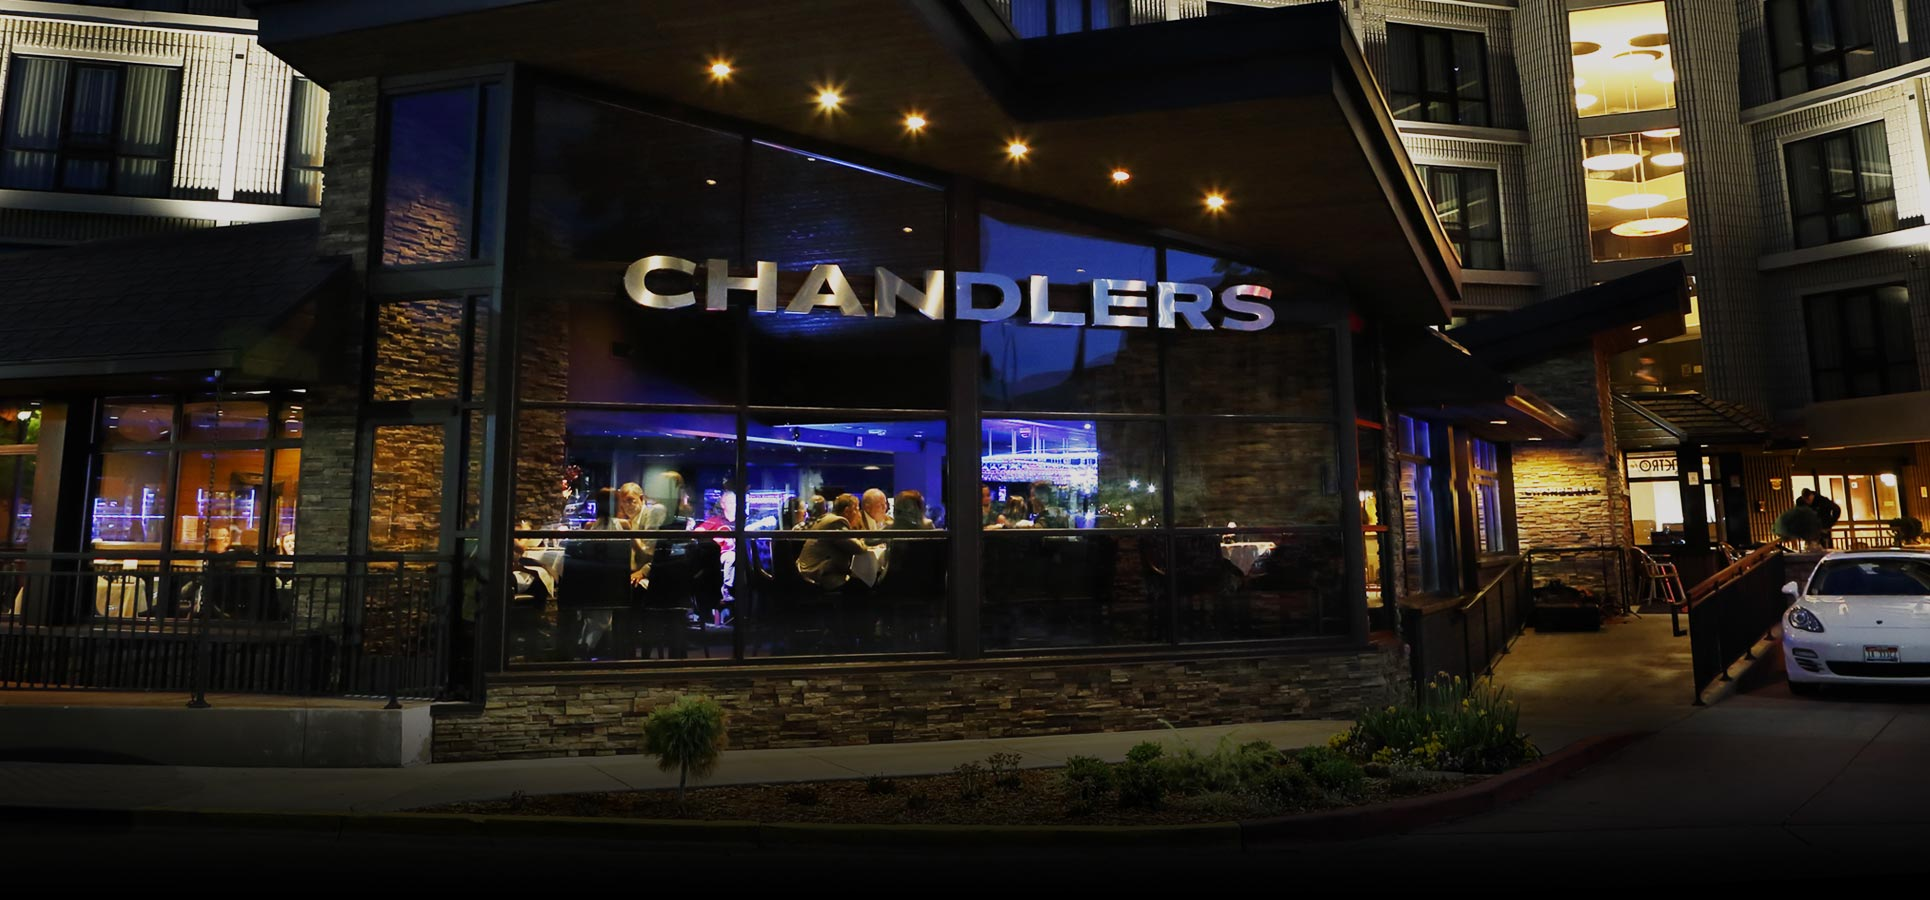 chandlers-restaurant-2017